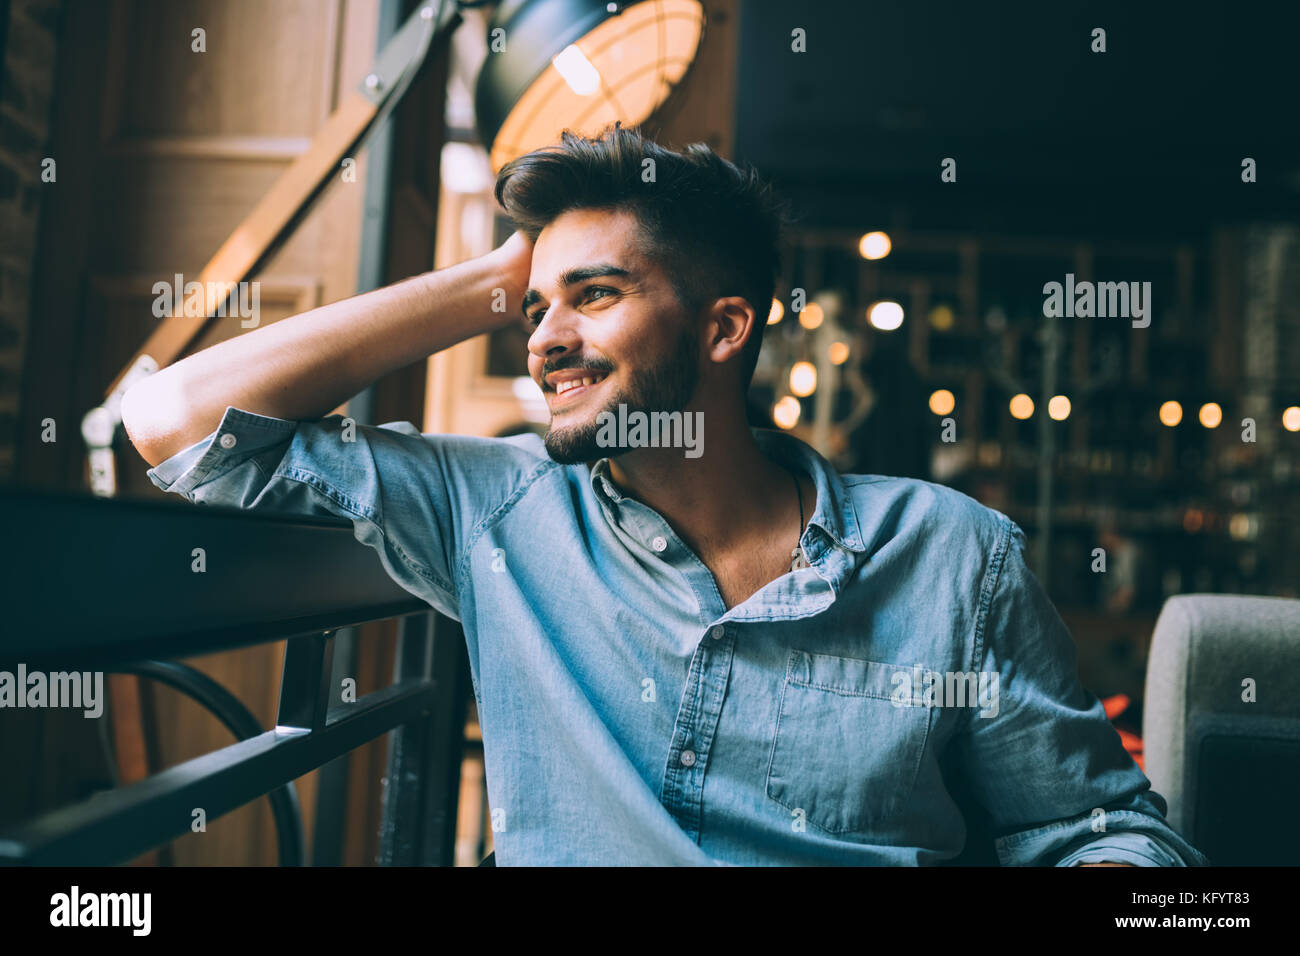 Retrato de joven apuesto hombre con camisa azul Imagen De Stock